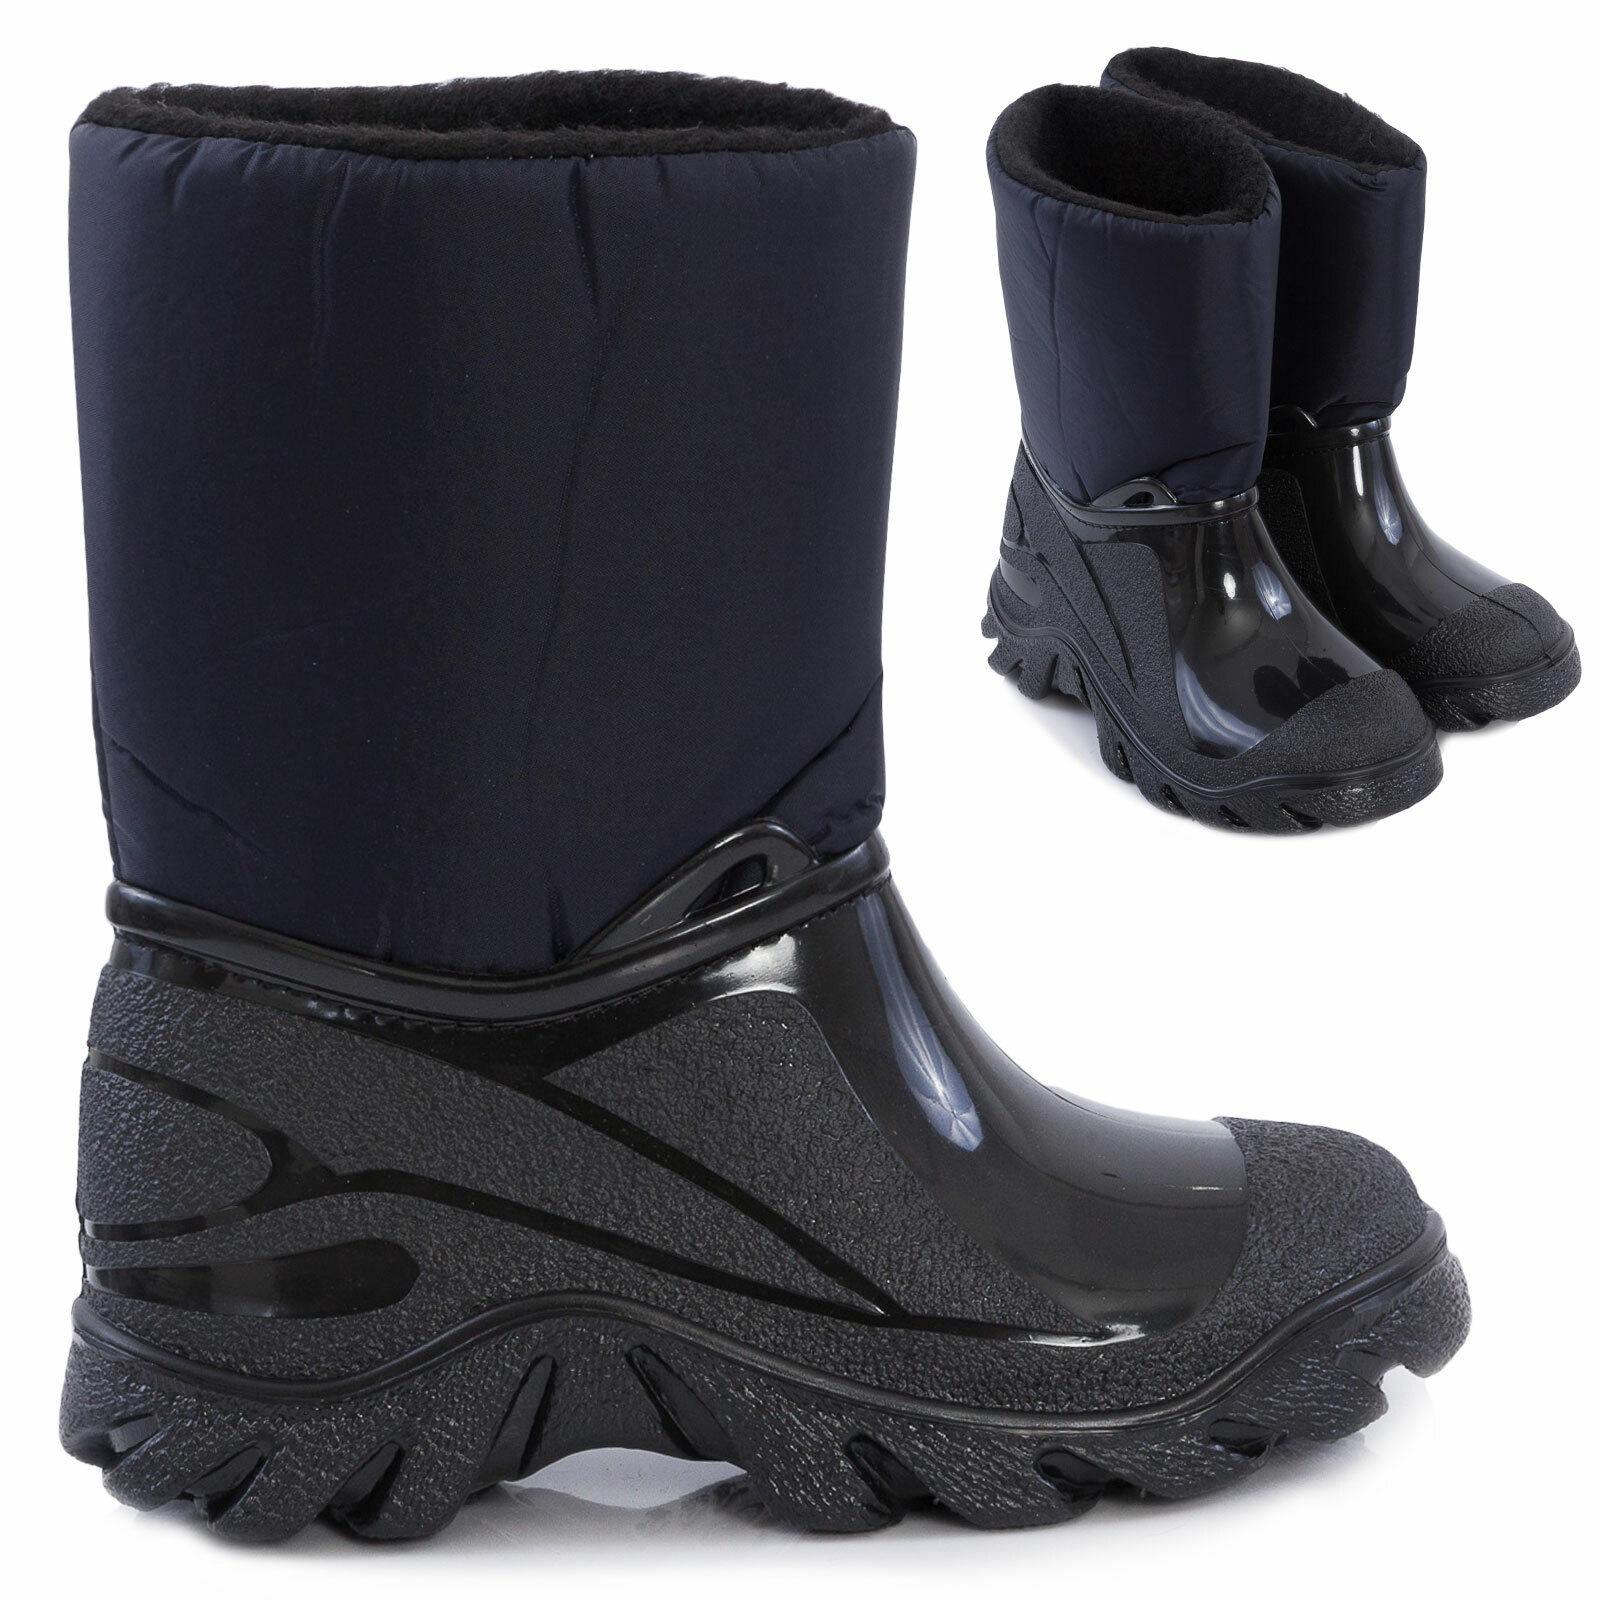 sur 2 bébé imperméable bottes bottes chaud Détails SCI neige snowboots rembourré 8wOmNn0v